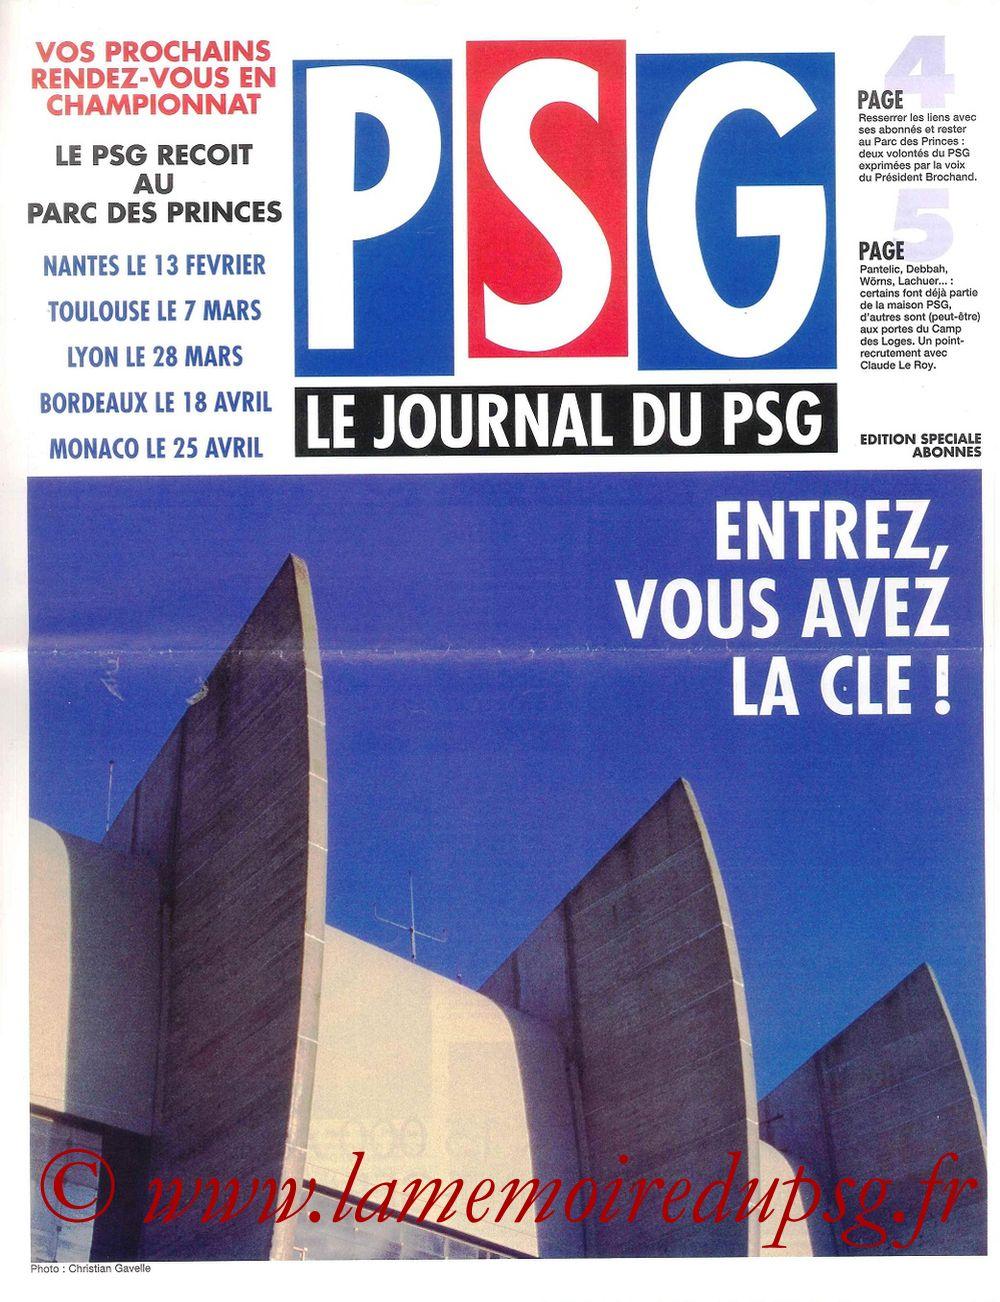 1998-02-08  Le Journal du PSG, Edition Spéciale Abonnés N°1